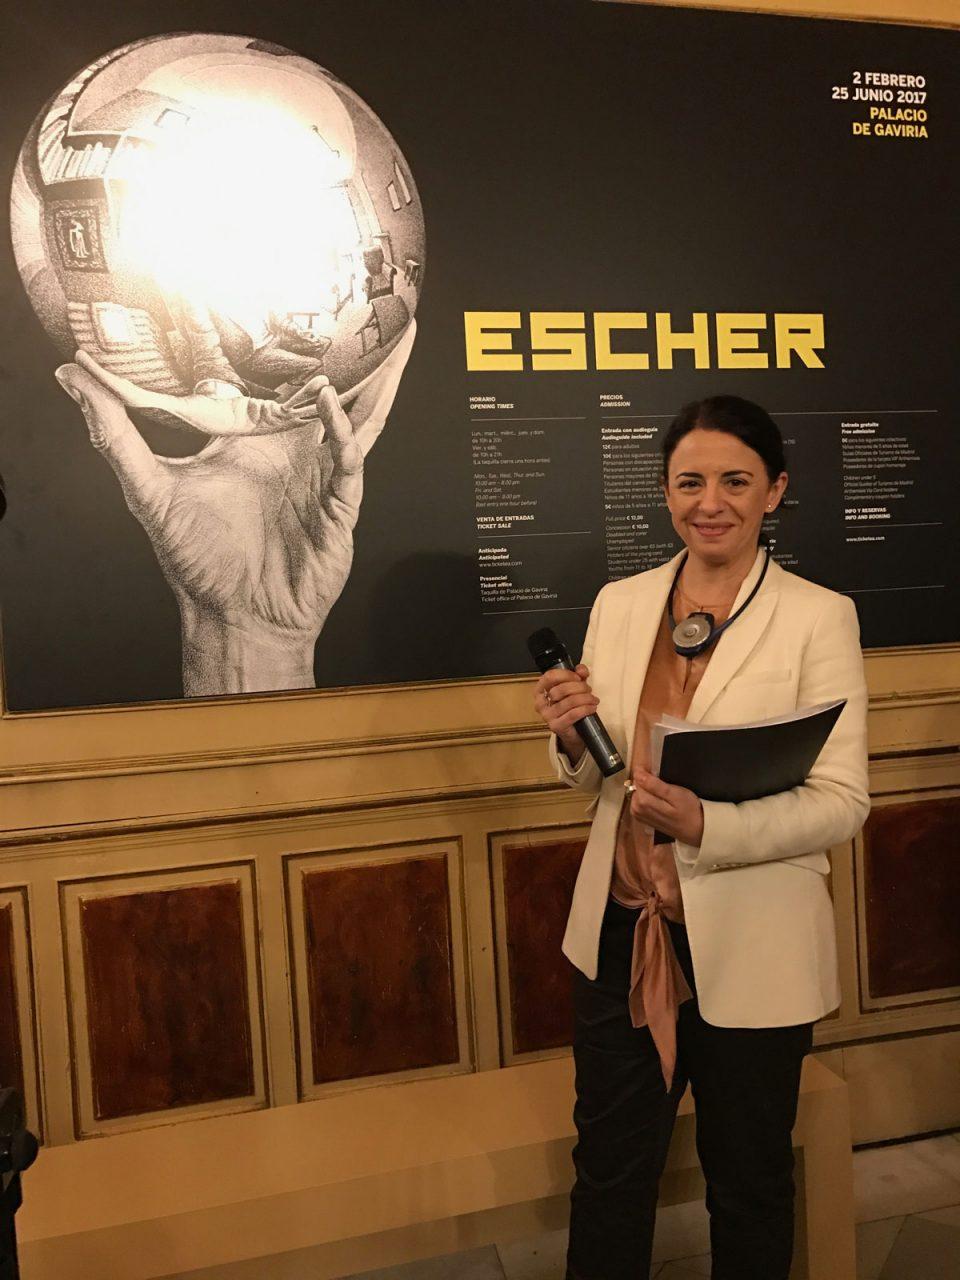 Exposicion-Escher-2017